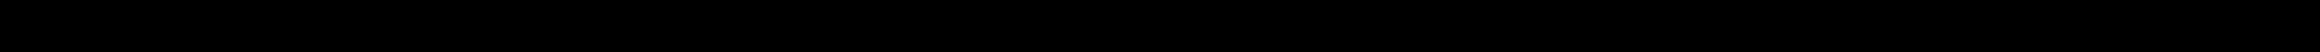 FAST SMD 360935, VA30A4000103, VA30A4000105, 1109 AE, 1109 CG Oil Filter